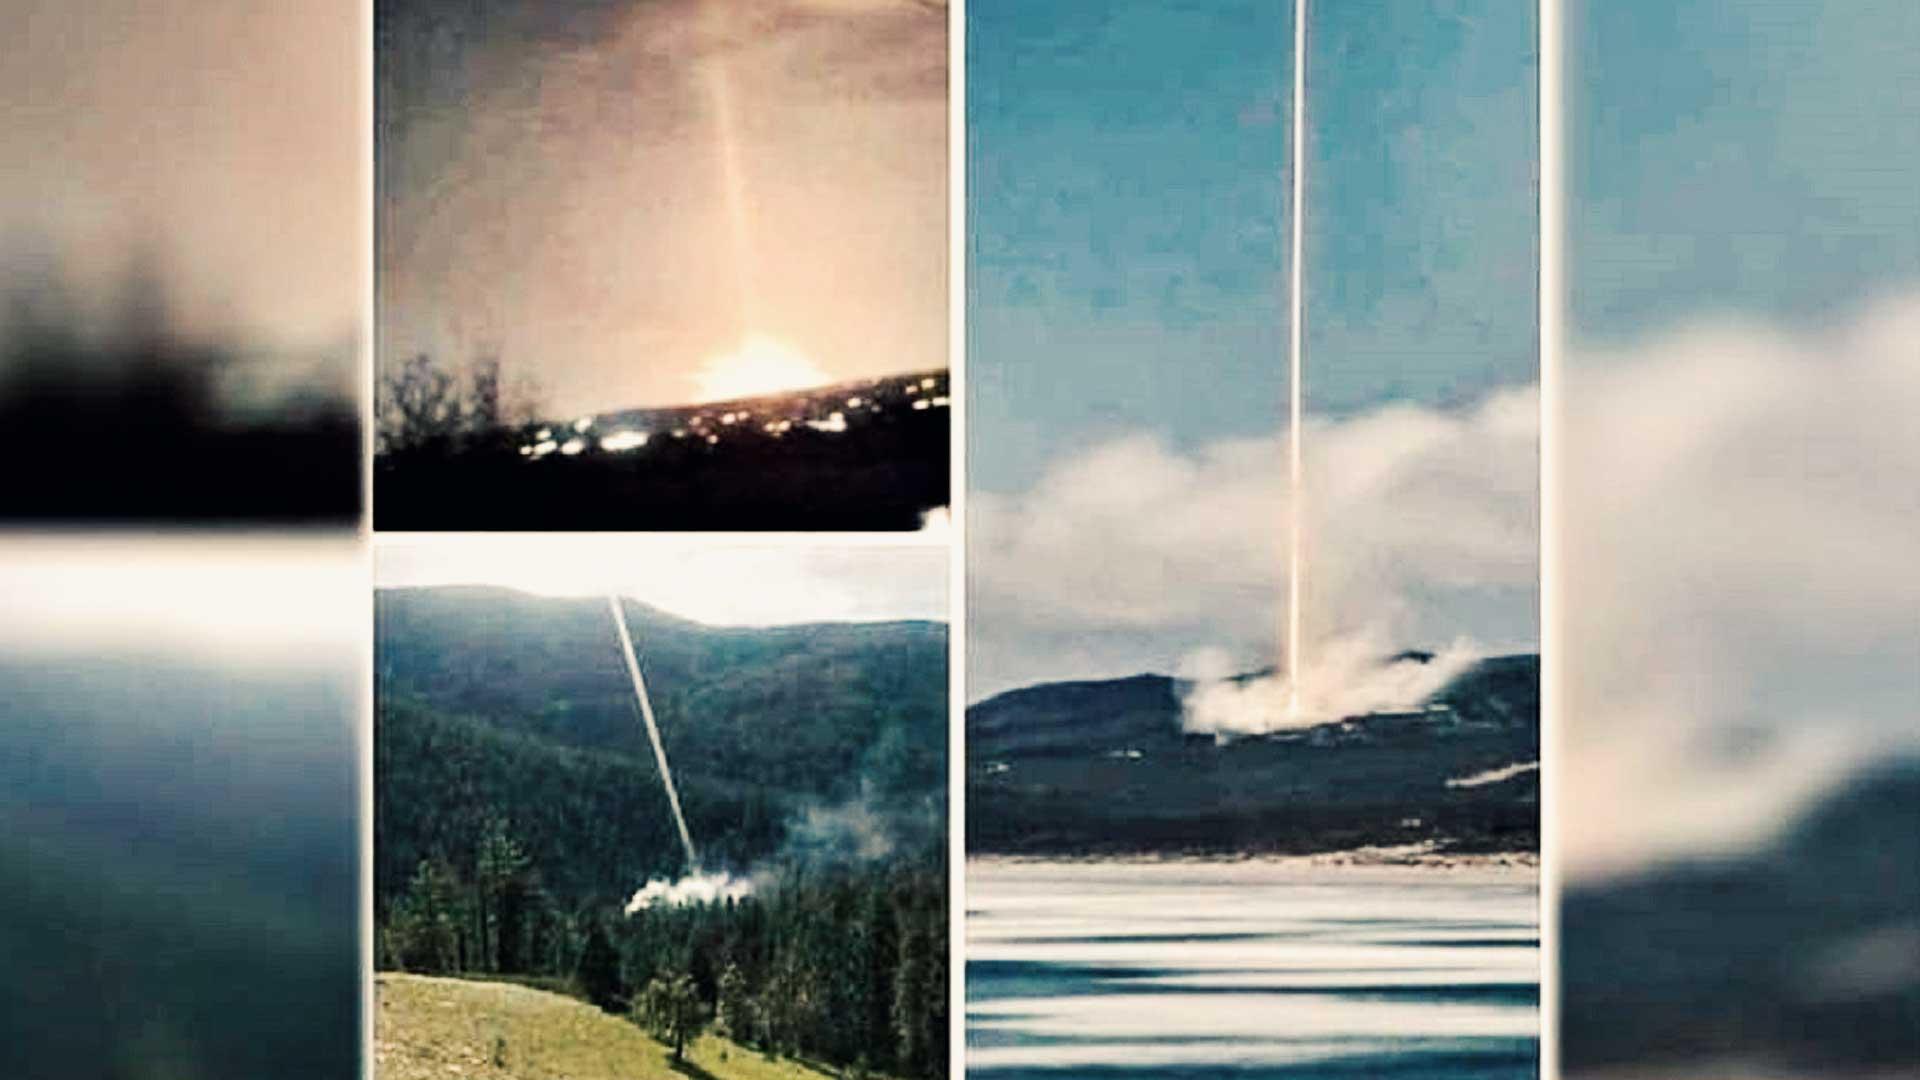 Imágenes como un arma de energía dirigida pudo ser el causante de los incendios en California